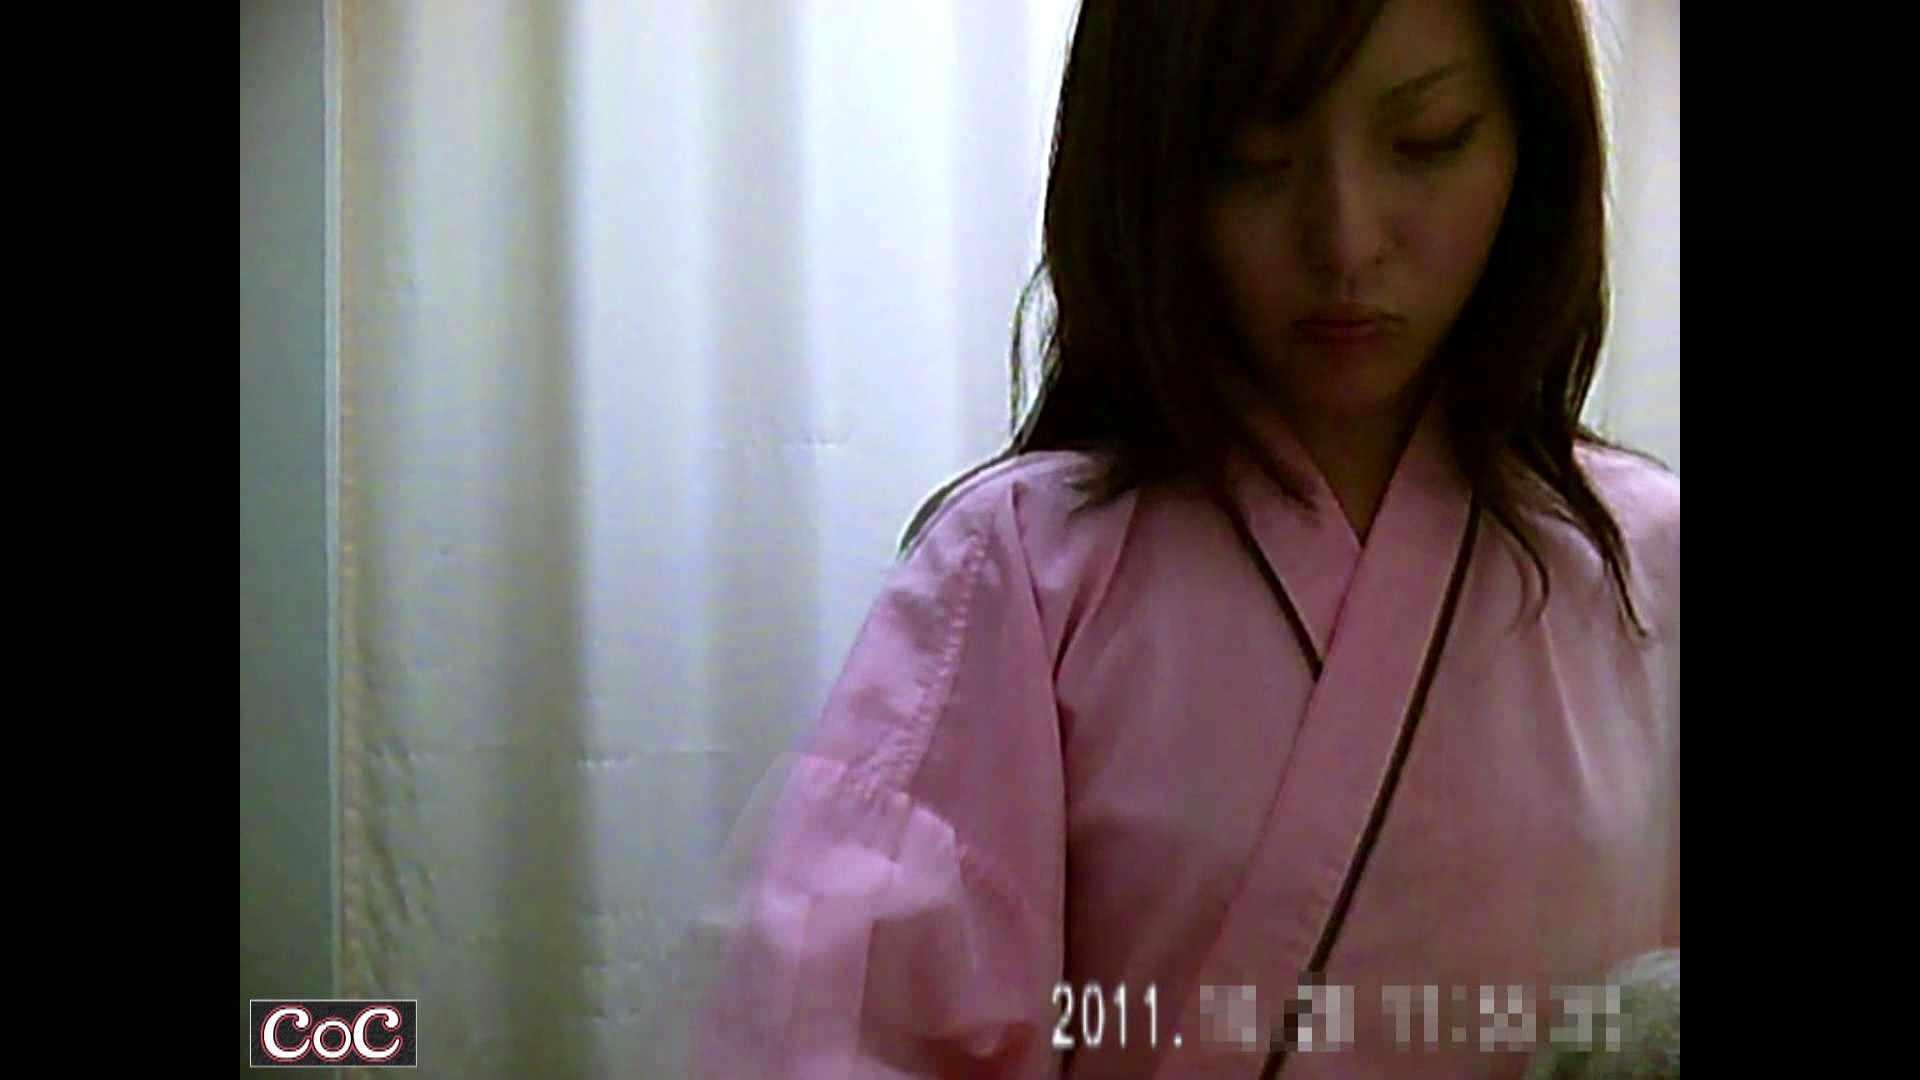 元医者による反抗 更衣室地獄絵巻 vol.221 OLハメ撮り  35Pix 11